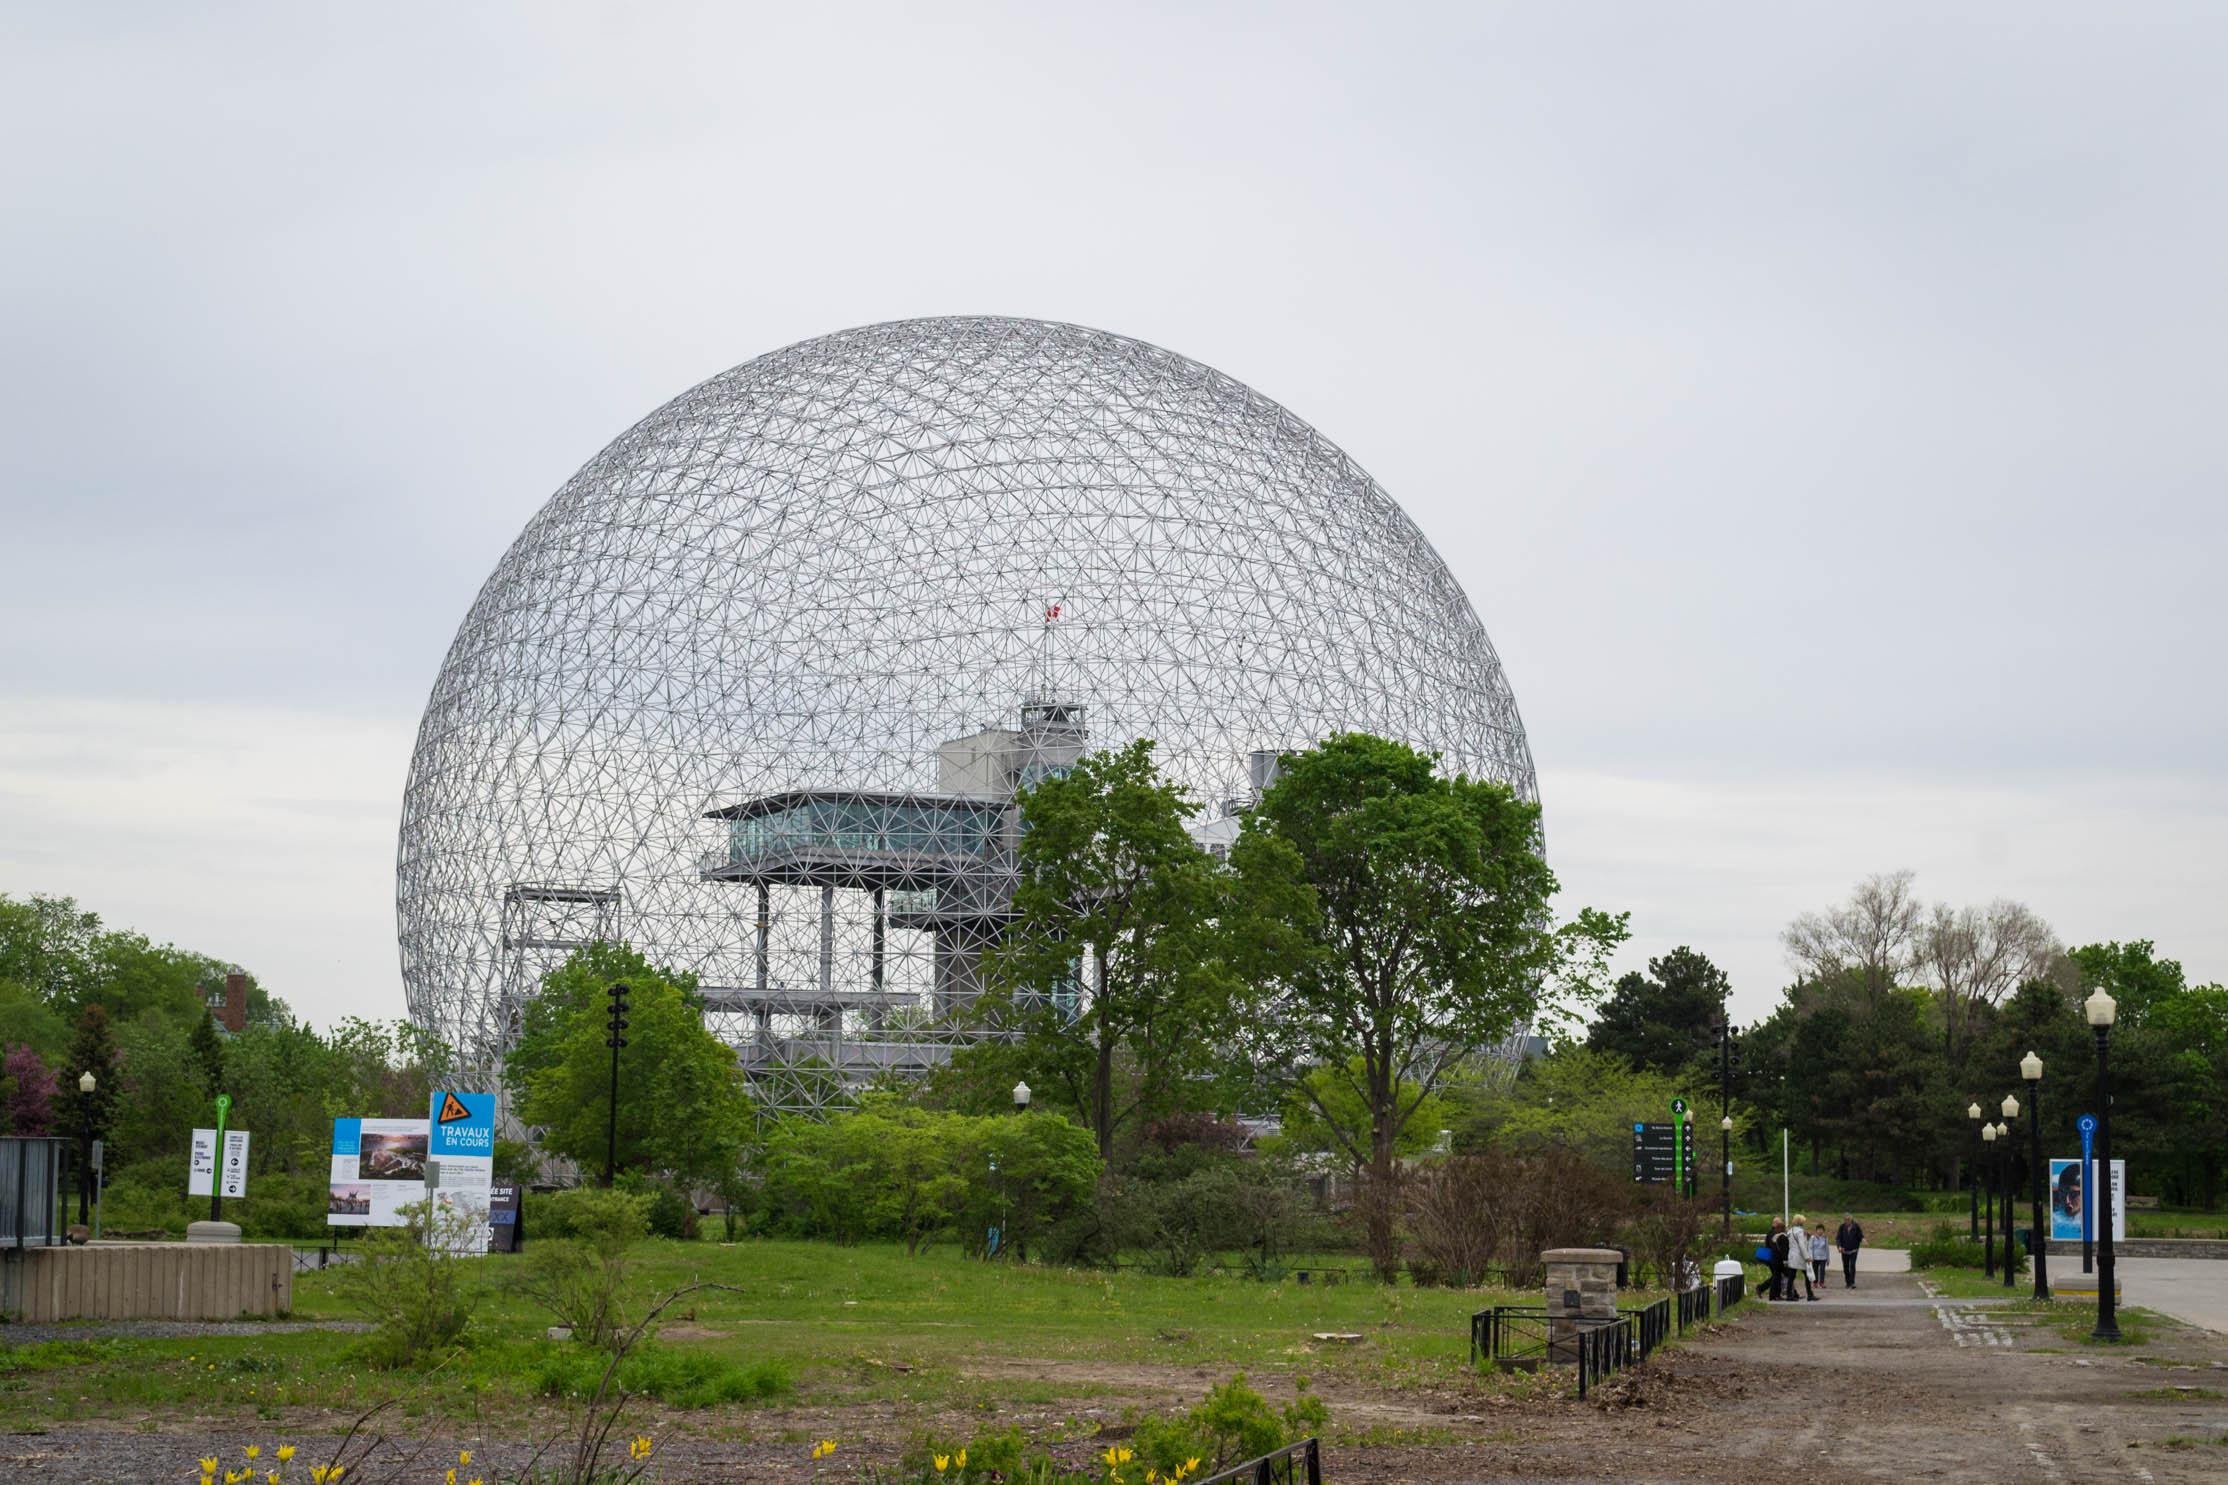 La biosphère sur l'île Sainte Hélène